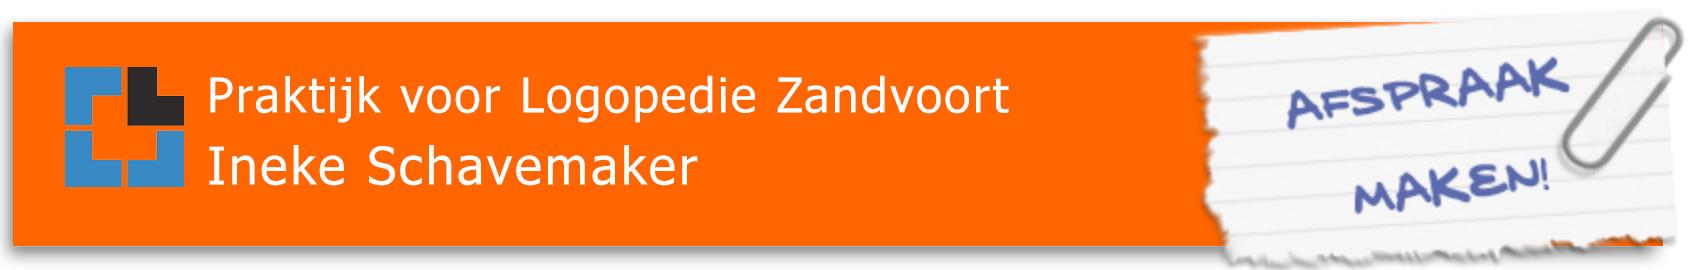 Praktijk voor Logopedie Zandvoort